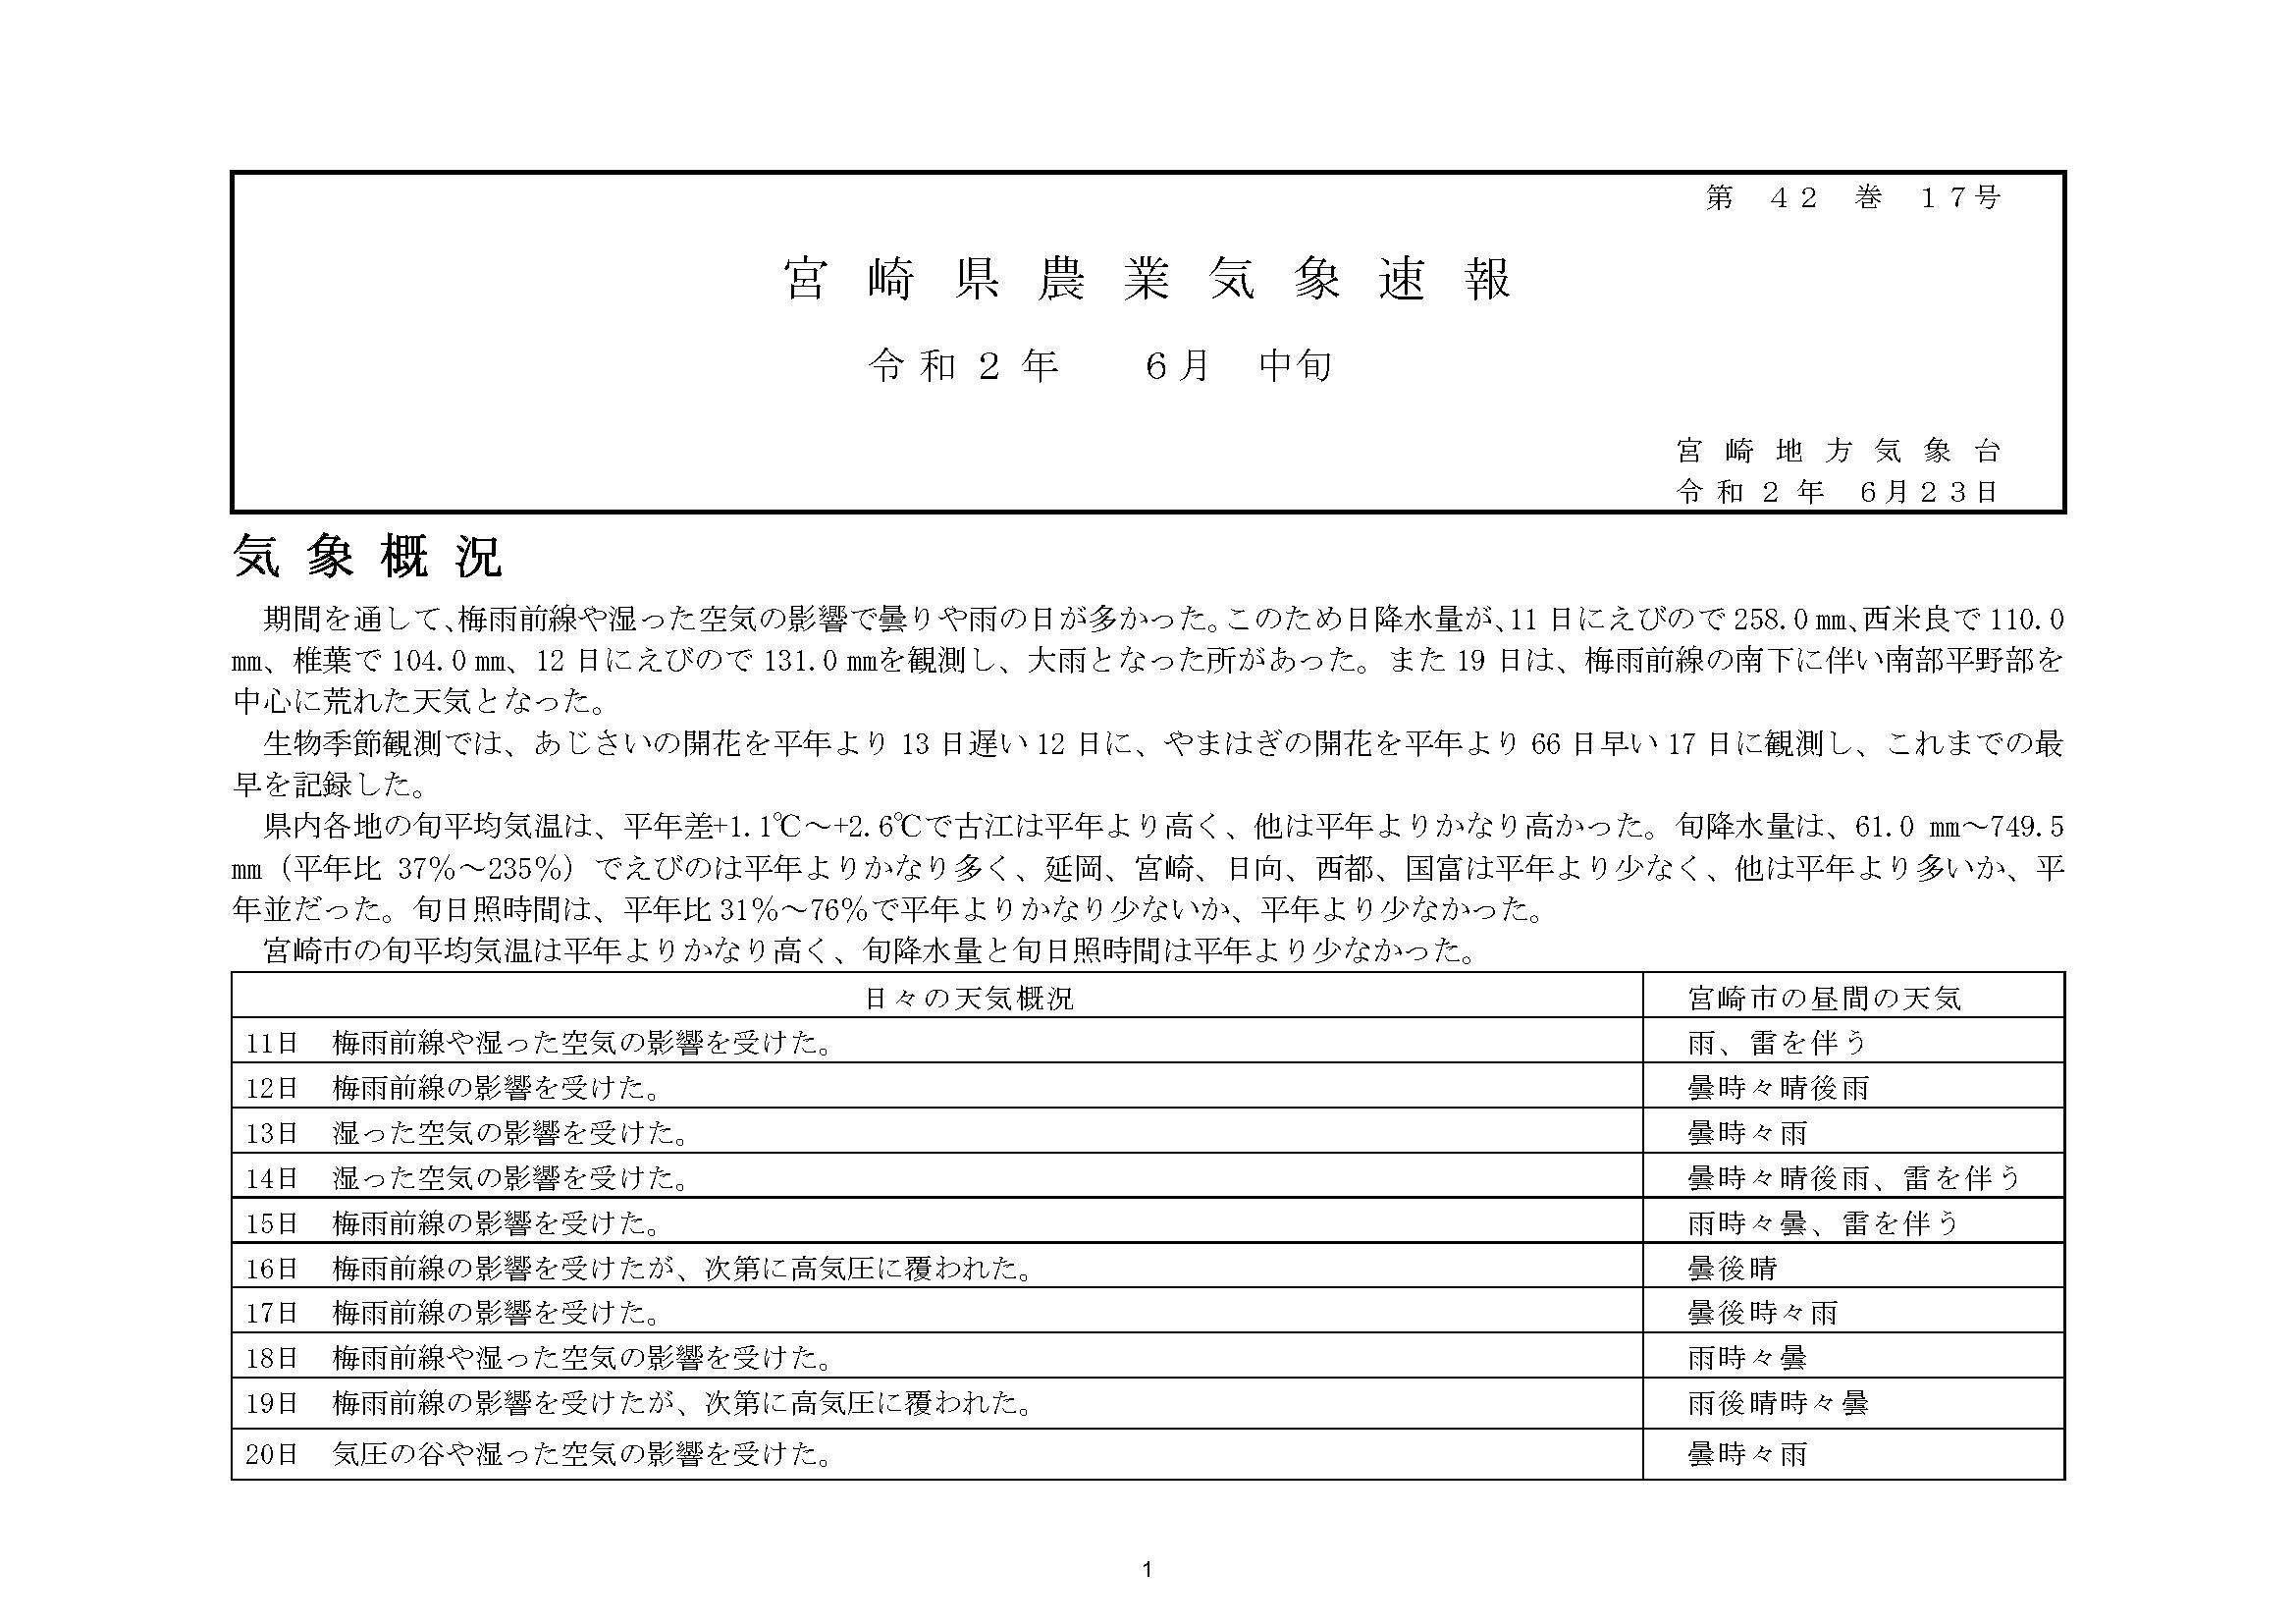 宮崎県農業気象速報令和2年6月中旬PDF